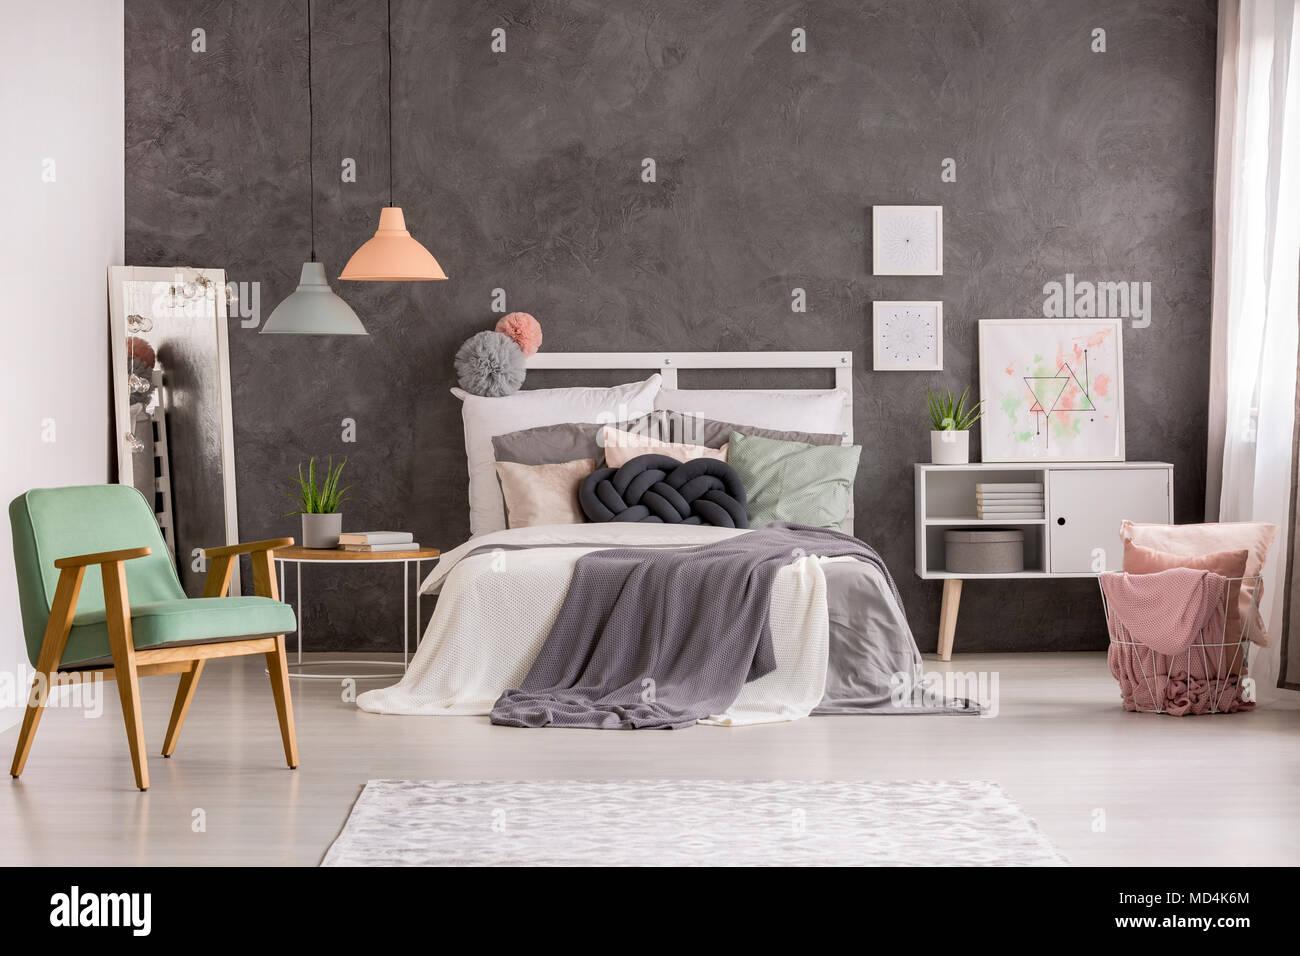 Credenza Per Camera Da Letto : Camera da letto luminoso interno con poltrona di menta pastello